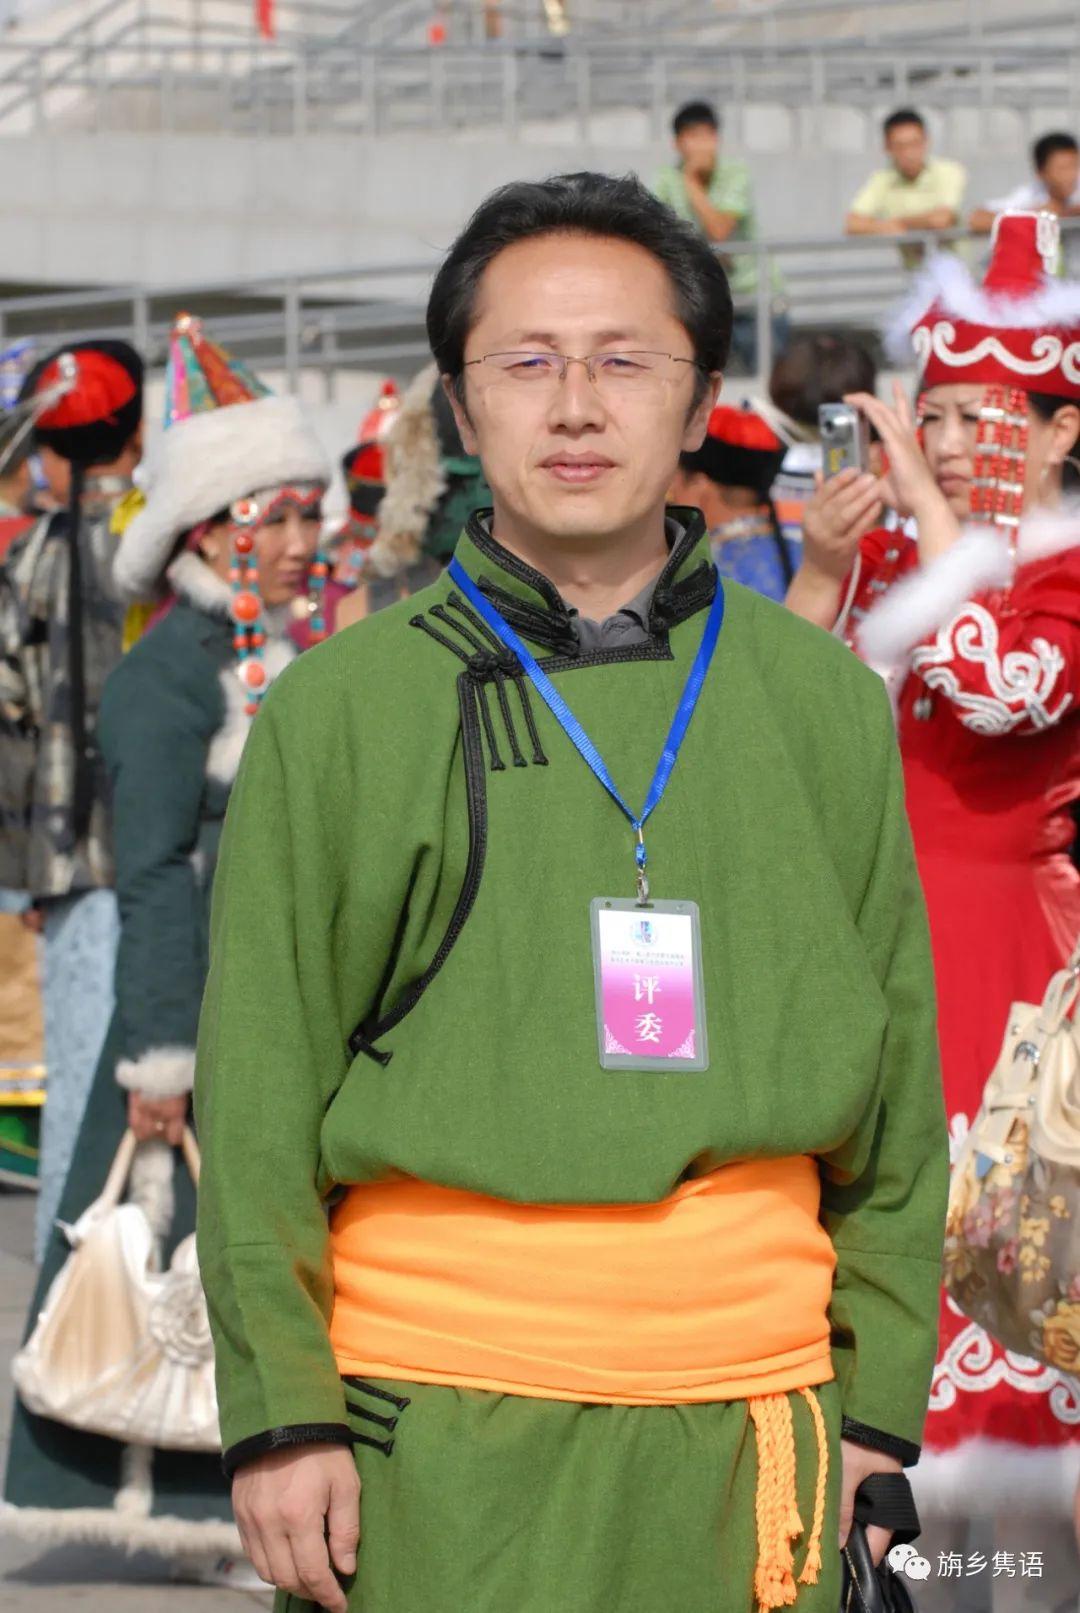 那仁夫谈民族文化与艺术创作 第2张 那仁夫谈民族文化与艺术创作 蒙古画廊